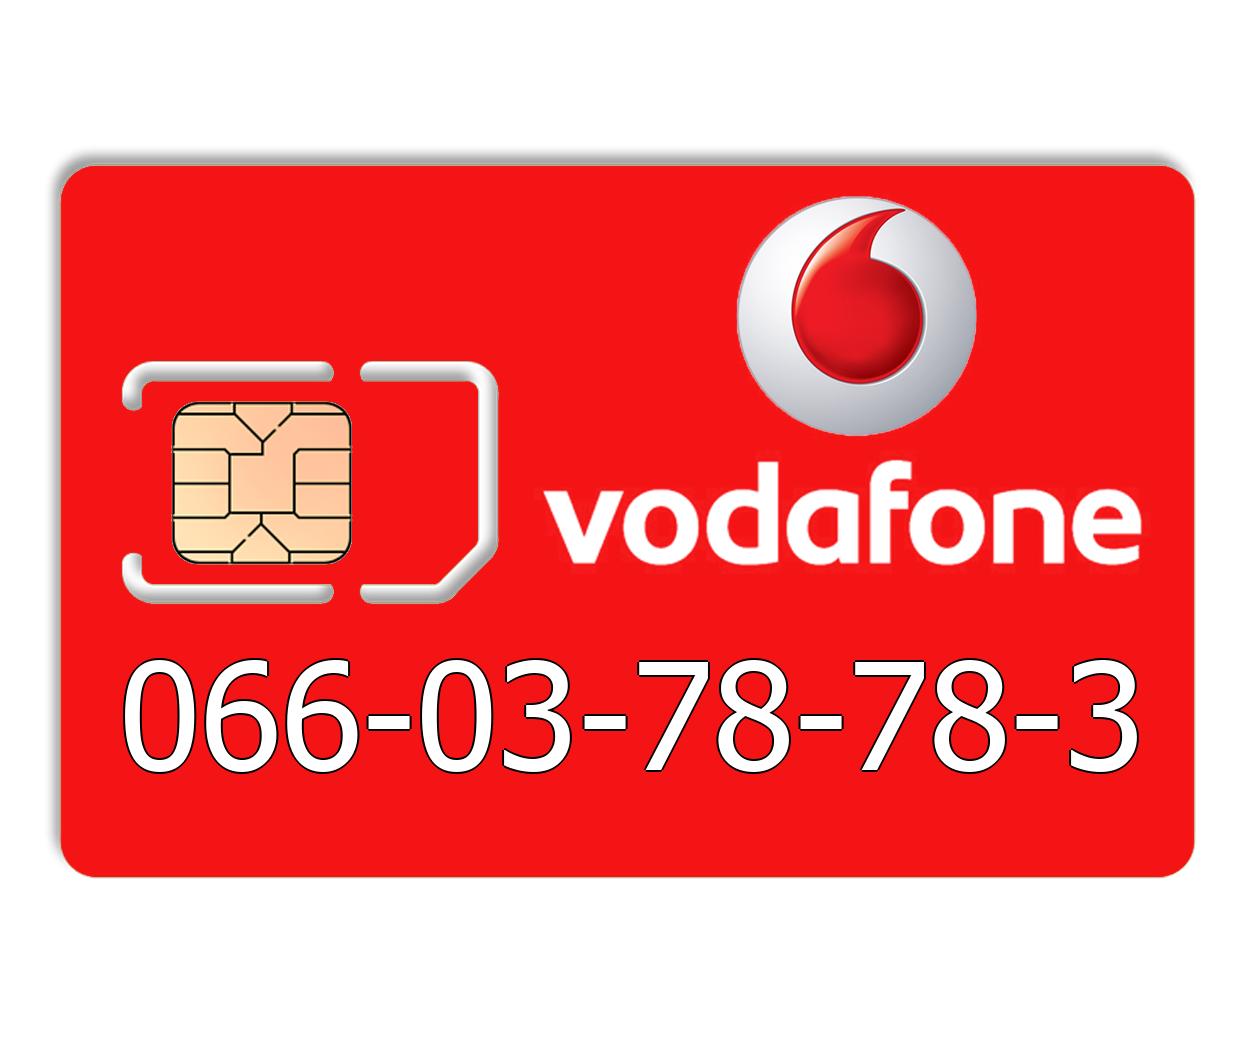 Красивый номер Vodafone 066-03-78-78-3